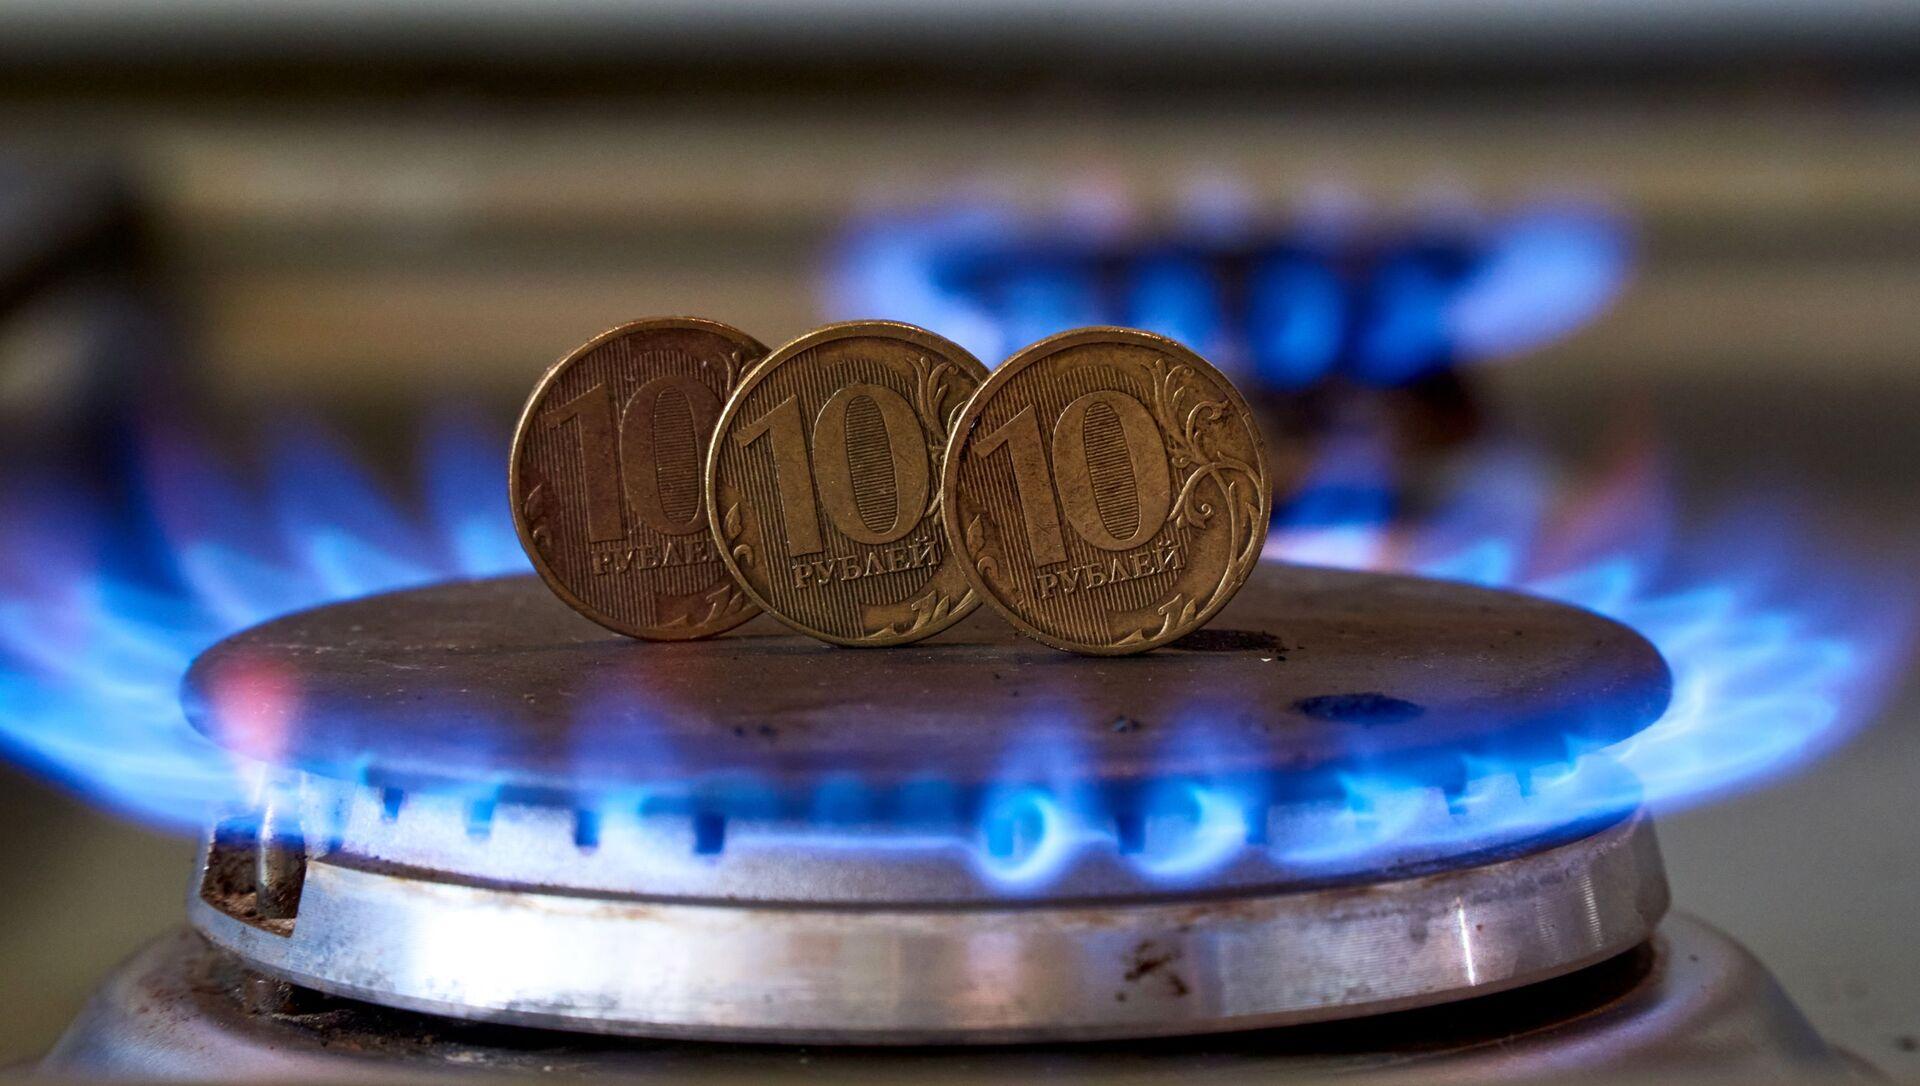 Монеты номиналам десять рублем на газовой плите.  - Sputnik Абхазия, 1920, 23.08.2021